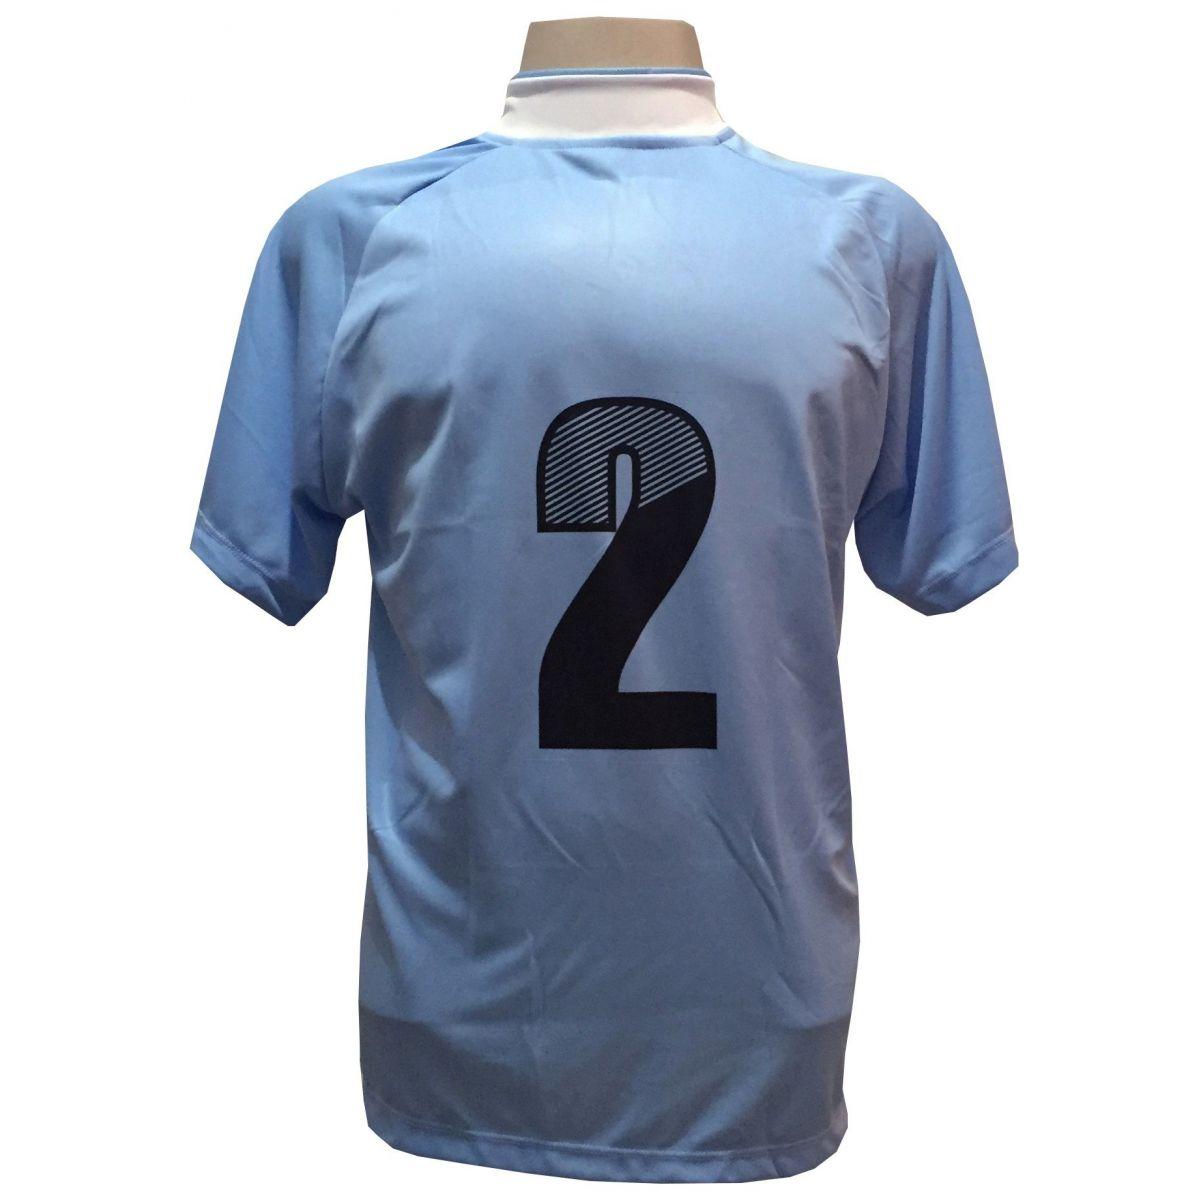 Jogo de Camisa com 12 unidades modelo Milan Celeste/Branco